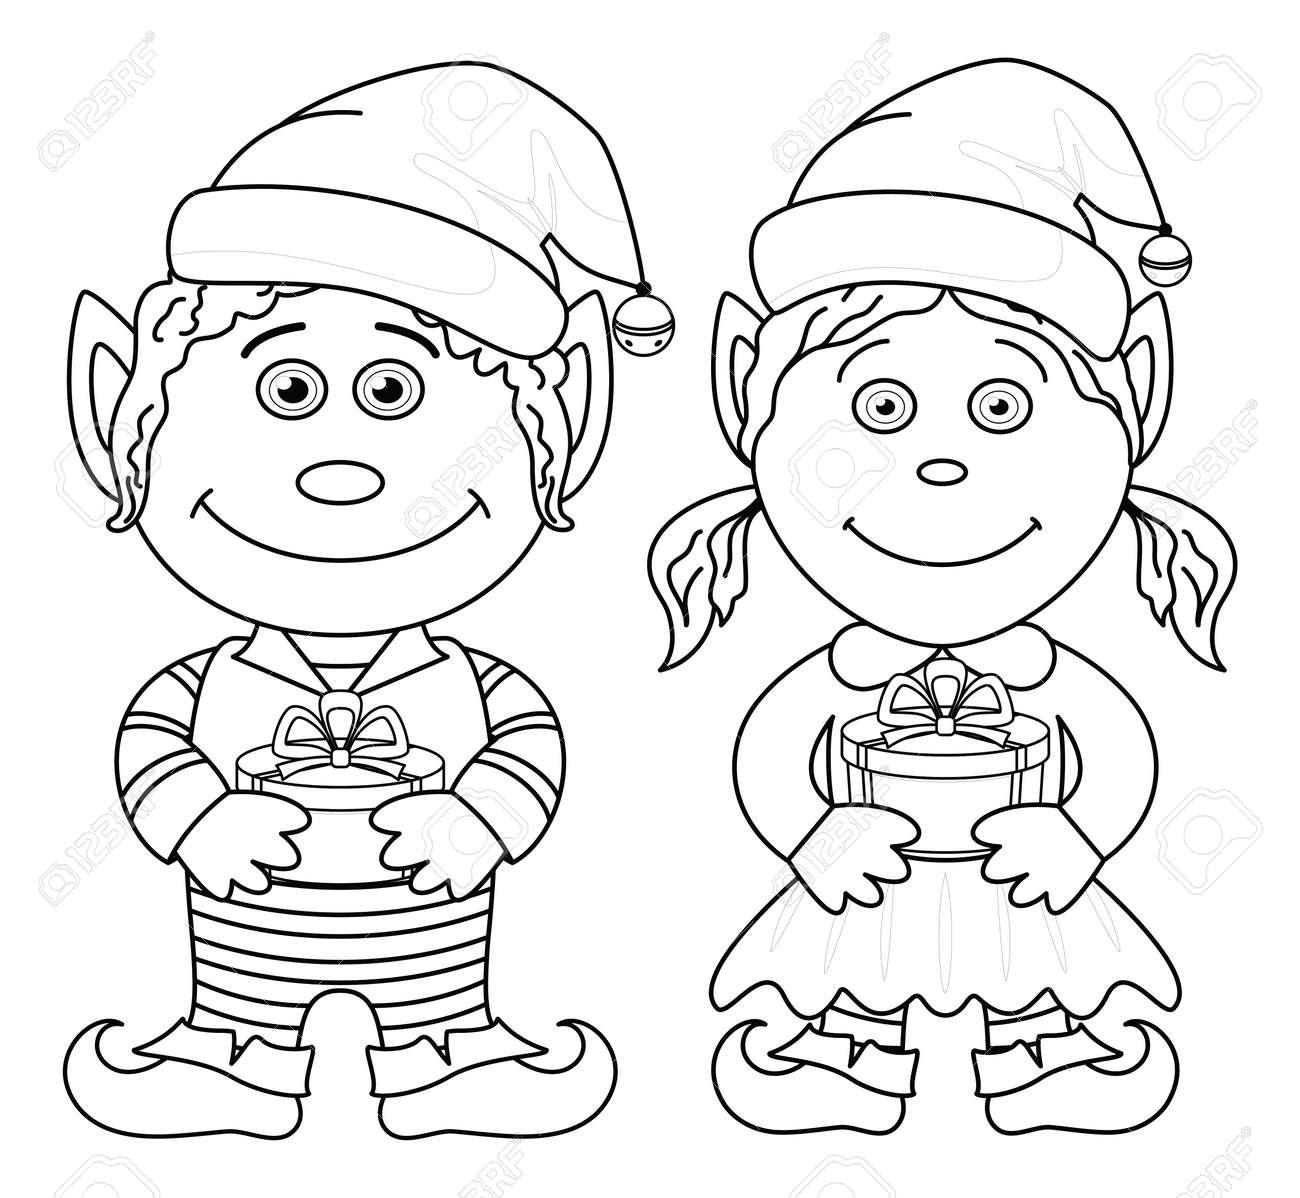 Cartoon Navidad Elfos, Niño Y Niña Con Cajas De Regalo De Día De ...